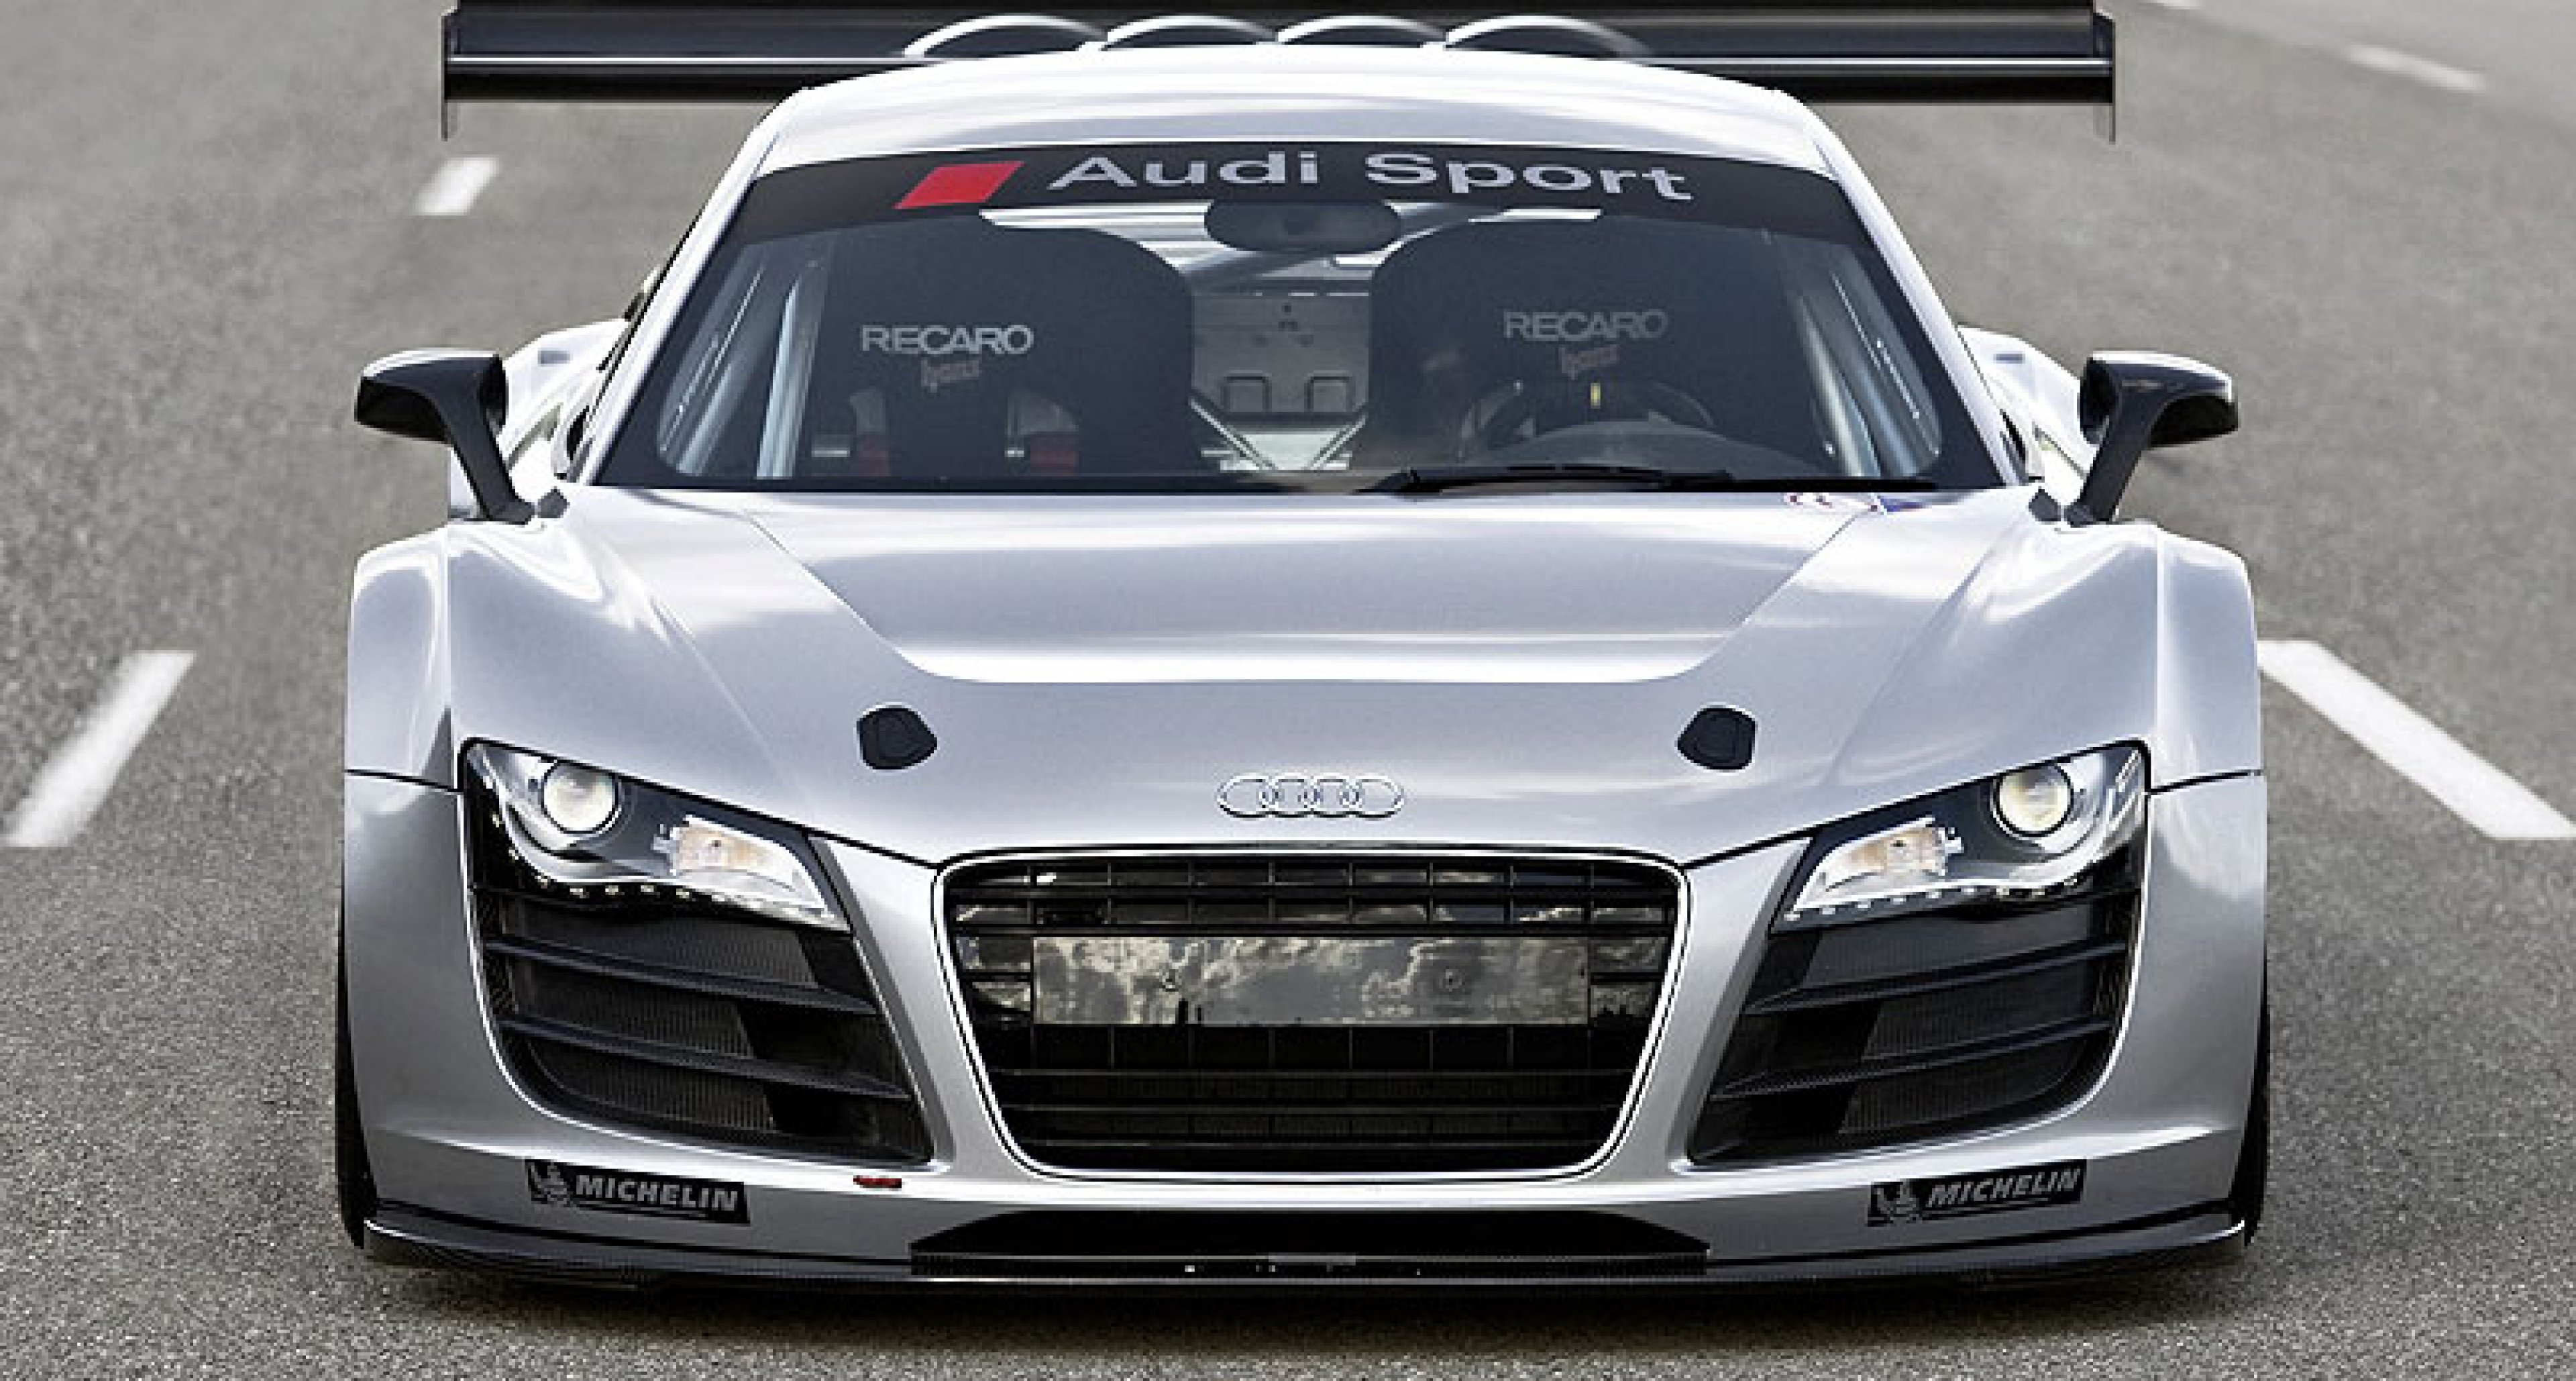 Racing Version of Audi R8